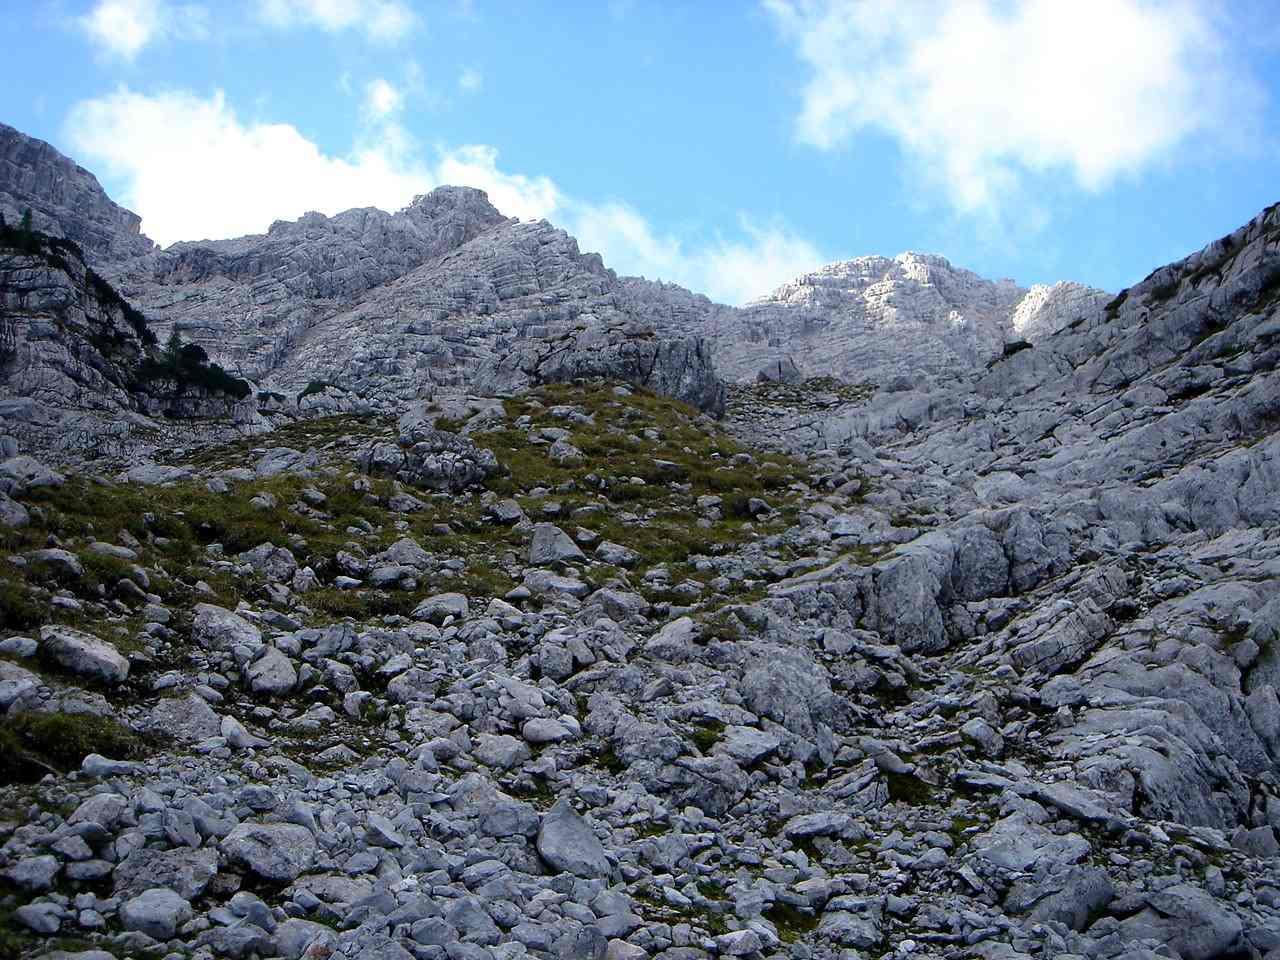 Foto: Manfred Karl / Wander Tour / Großes Ochsenhorn über Schärdinger Steig / Noch ist der Weg lang bis zum Gipfel - hier etwas oberhalb der Waldgrenze. / 15.06.2007 23:59:08